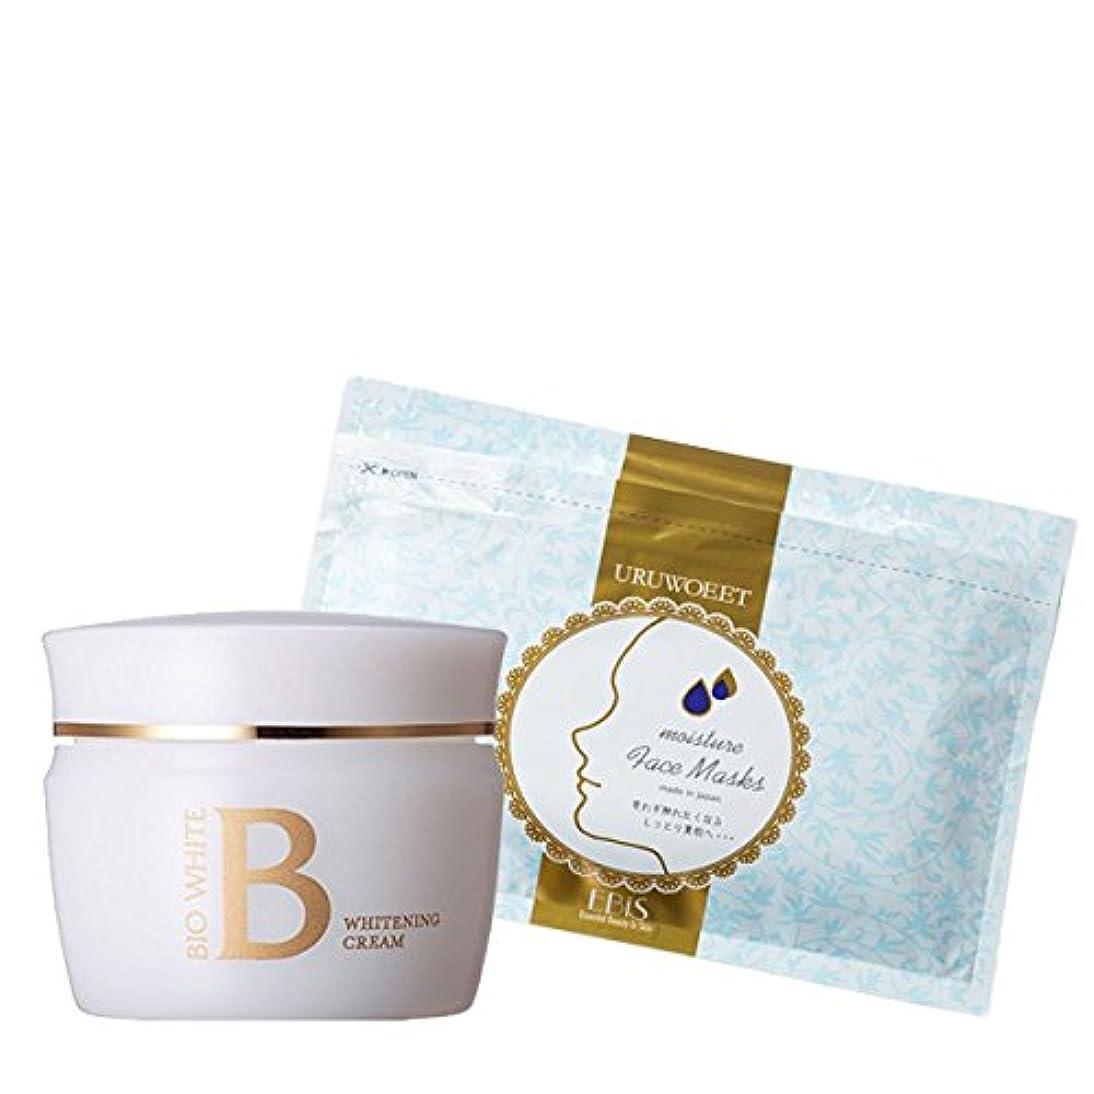 修復埋め込むピットエビス化粧品(EBiS)ビーホワイトクリーム40g & ウルオイートNモイスチャー美容マスク36枚